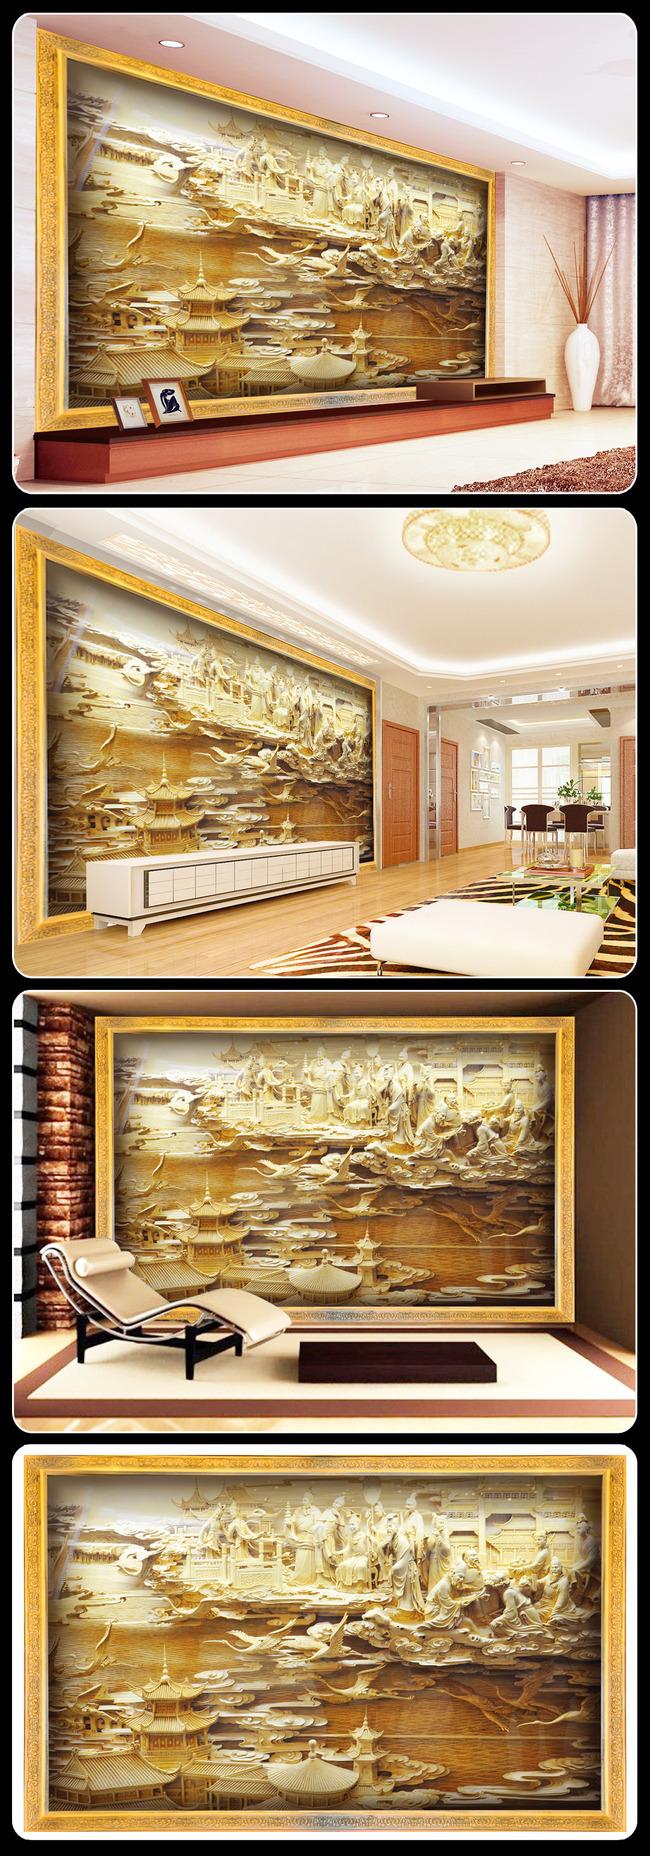 客厅木雕山水风景画背景墙装饰设计